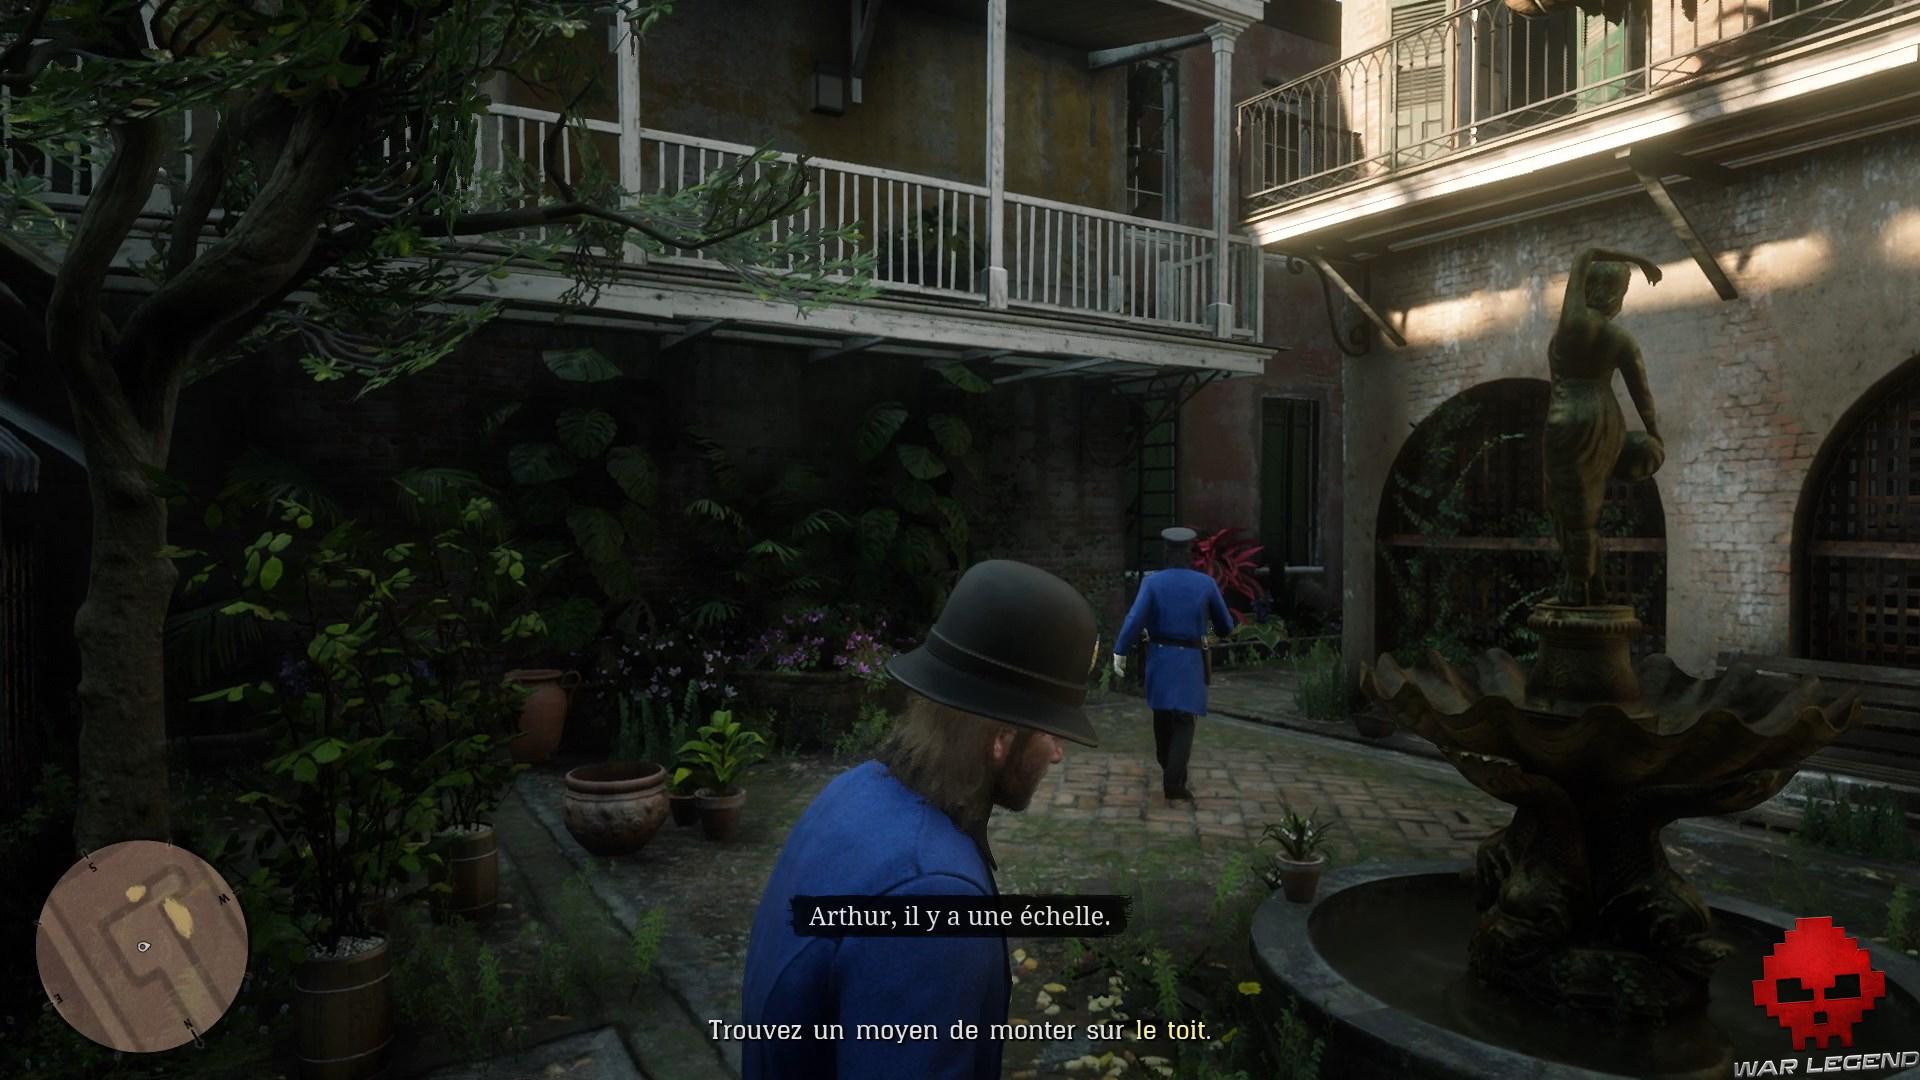 soluce red dead redemption 2 adieu fidèle ami arthur et dutch déguisés en policier dans une cour intérieure